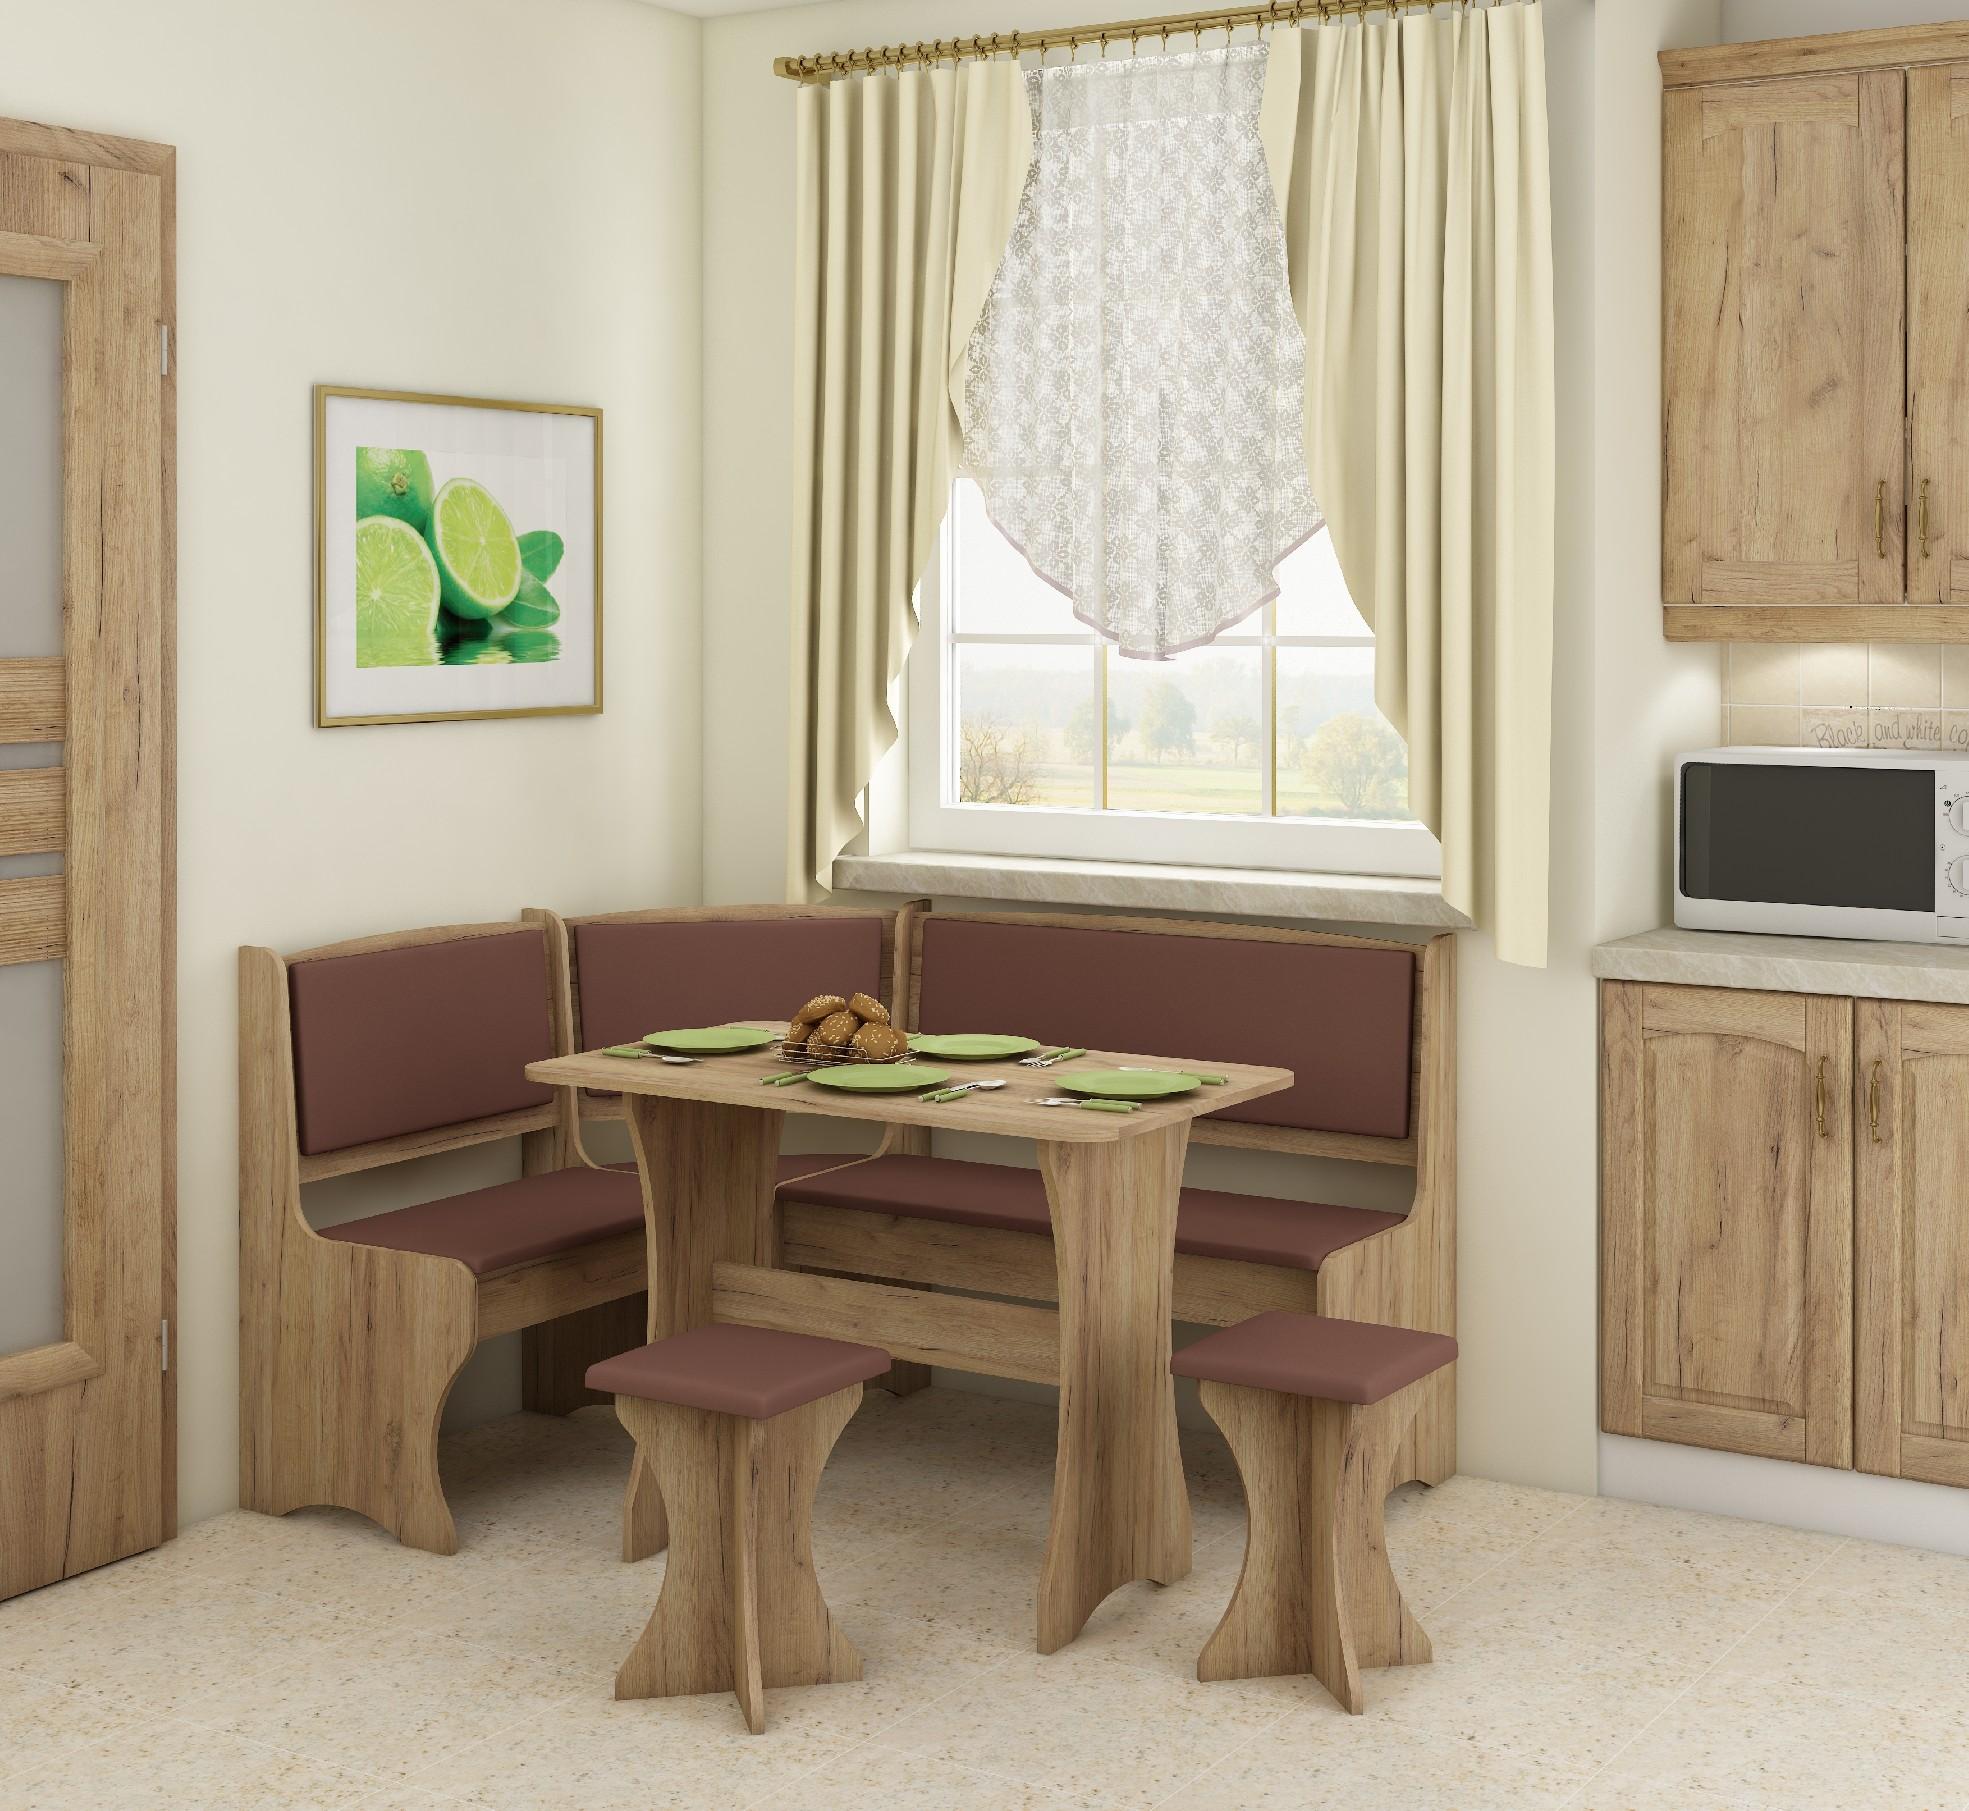 WIP Rohový set s taburetkami Prevedenie: Craft zlatý / Eco hnedá